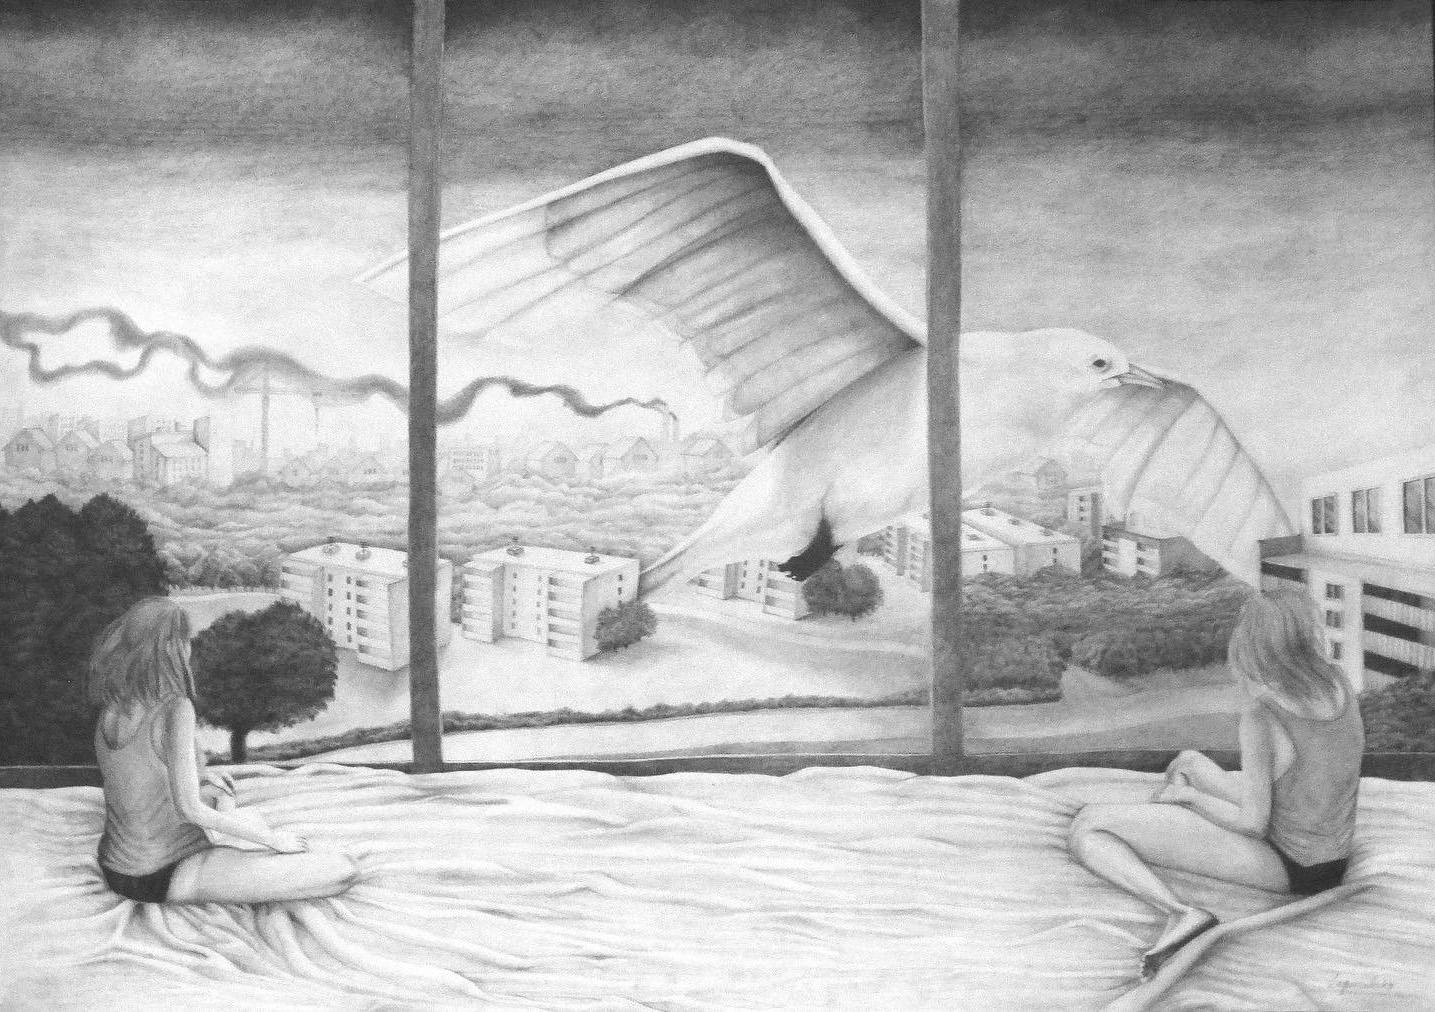 Molo's Dream graphite drawing